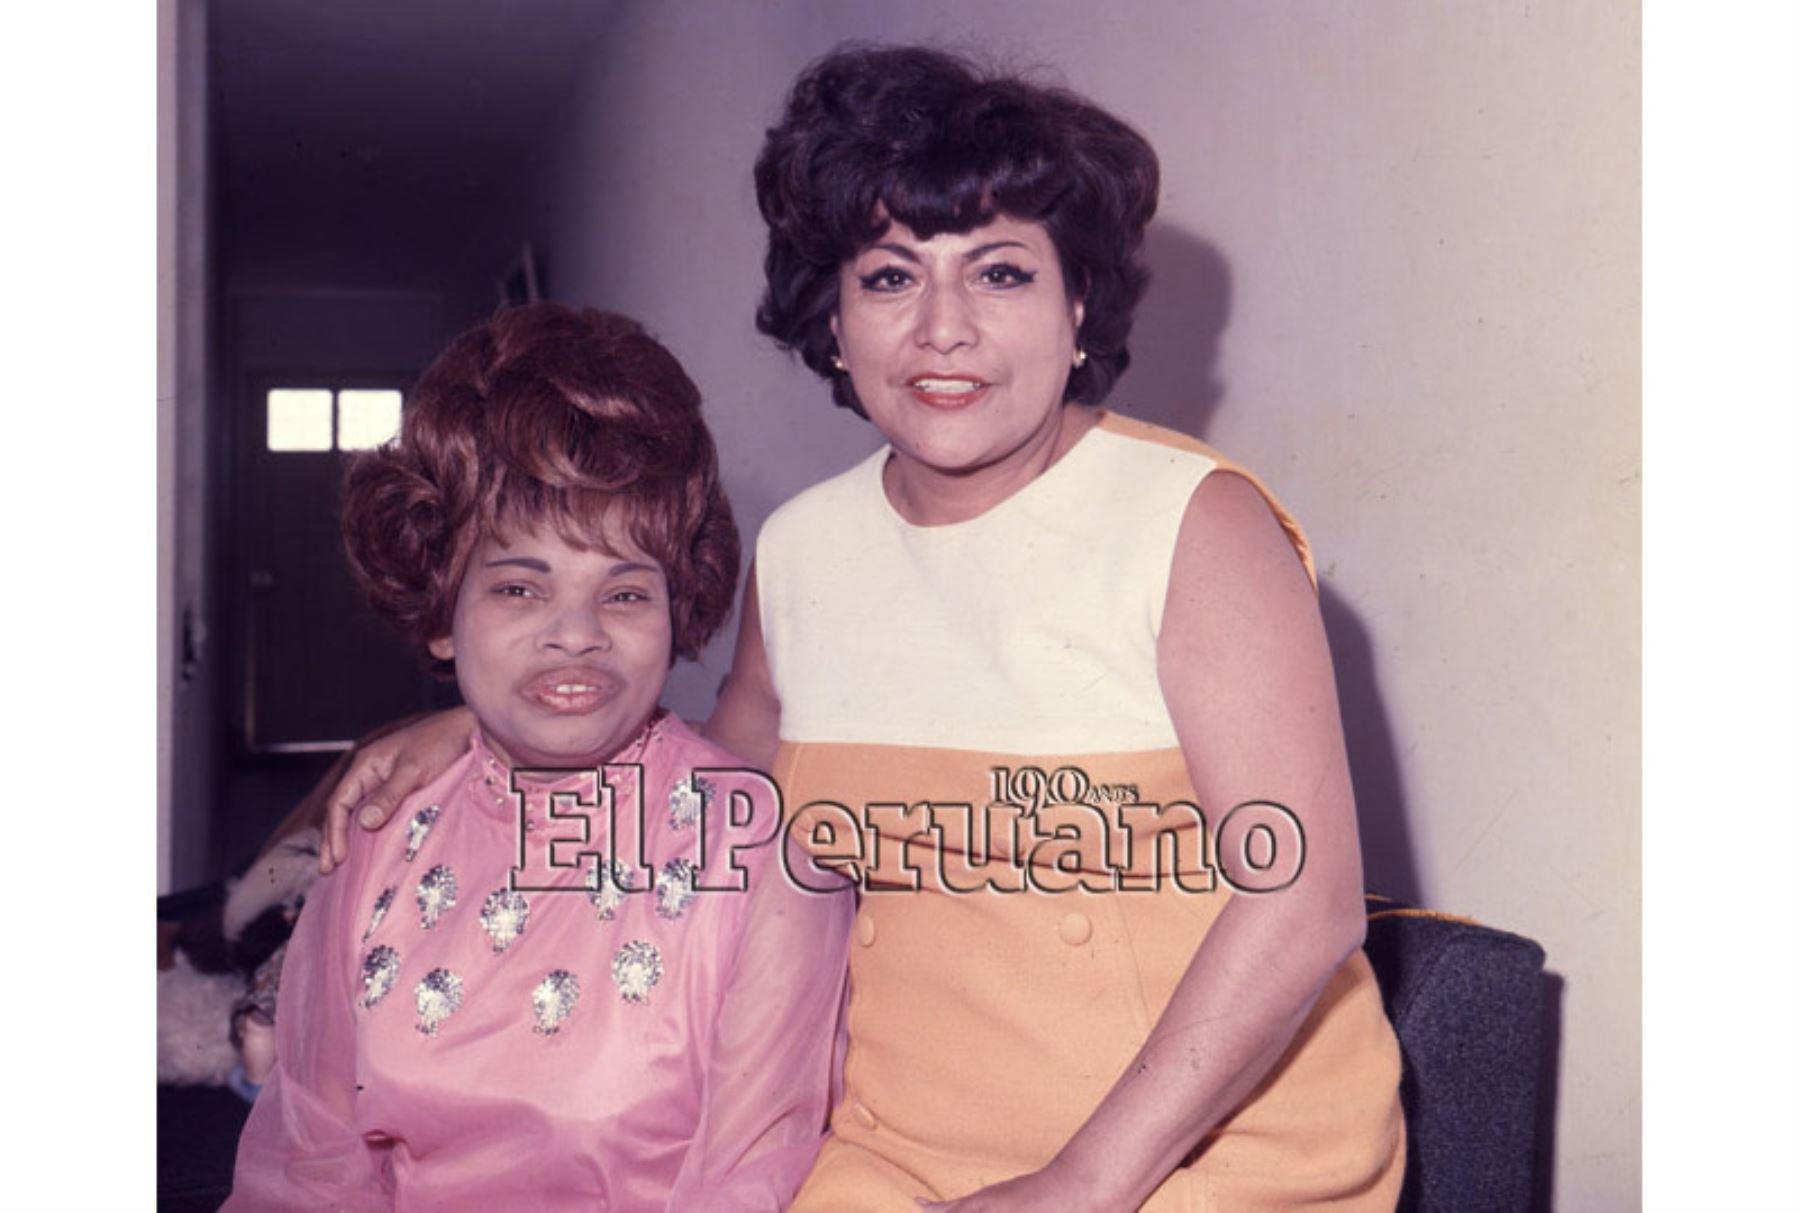 Cantantes Lucha Reyes y Jesús Vásquez. Foto: Archivo Histórico El Peruano.